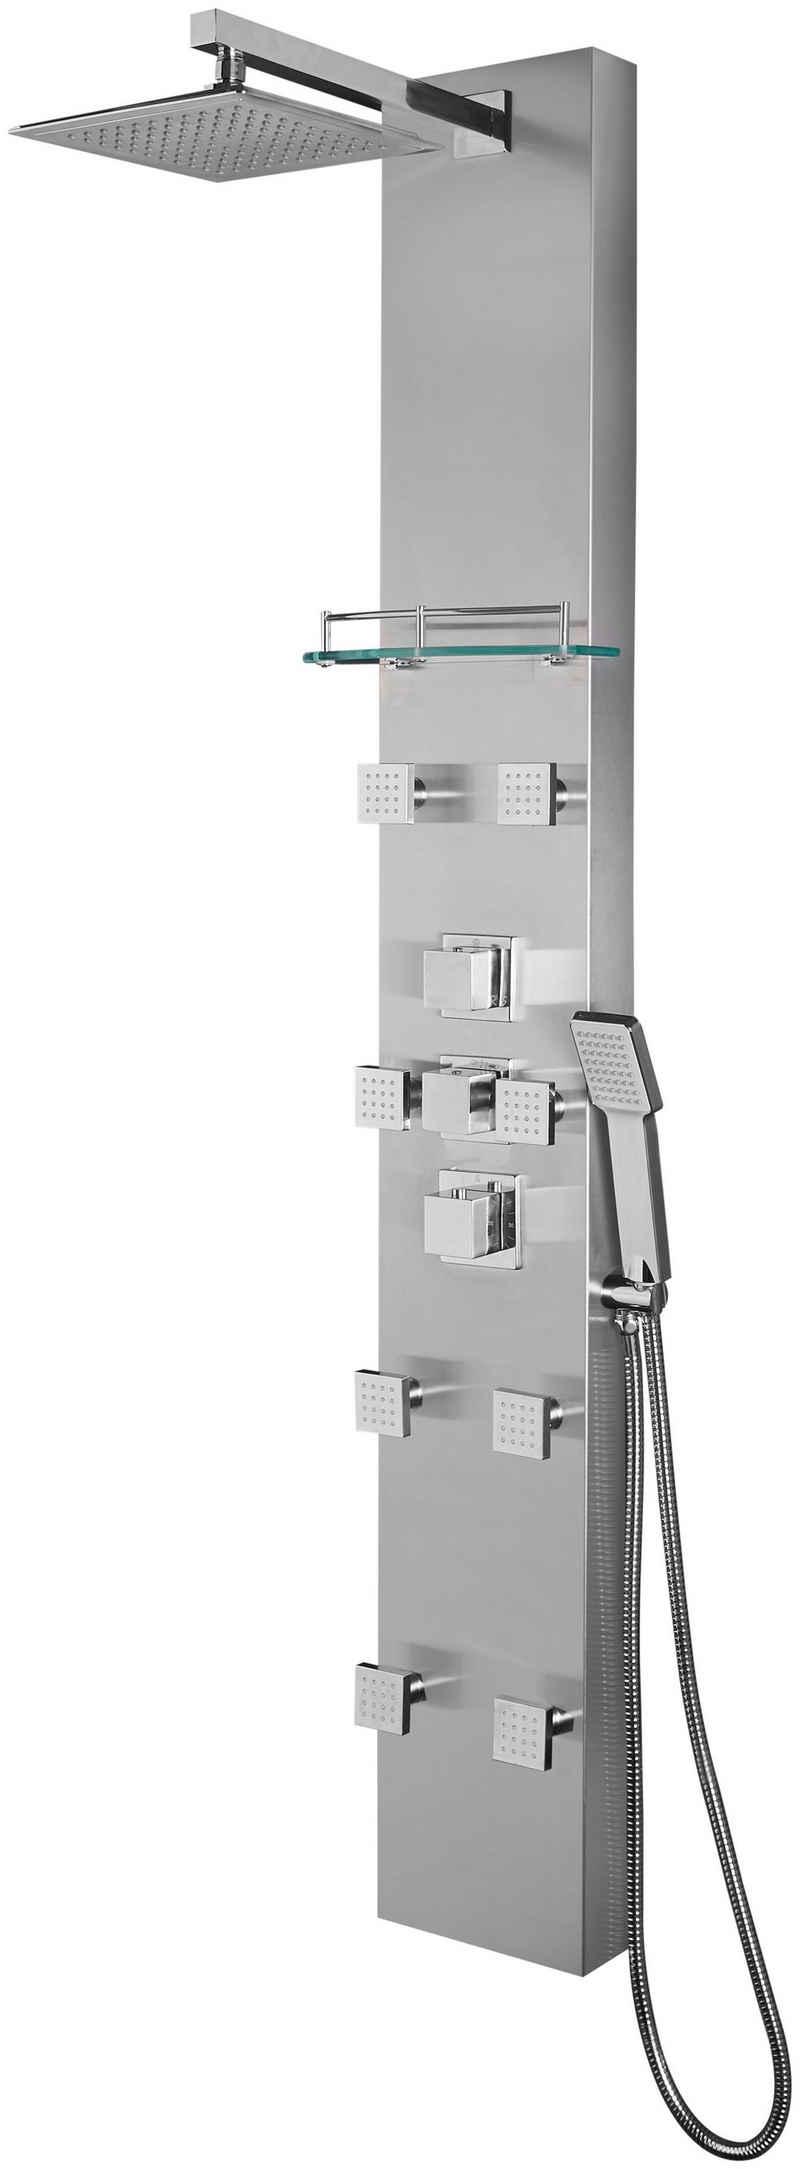 welltime Duschsystem »Raindrop«, Höhe 155 cm, 3 Strahlart(en), mit 8 Massagedüsen